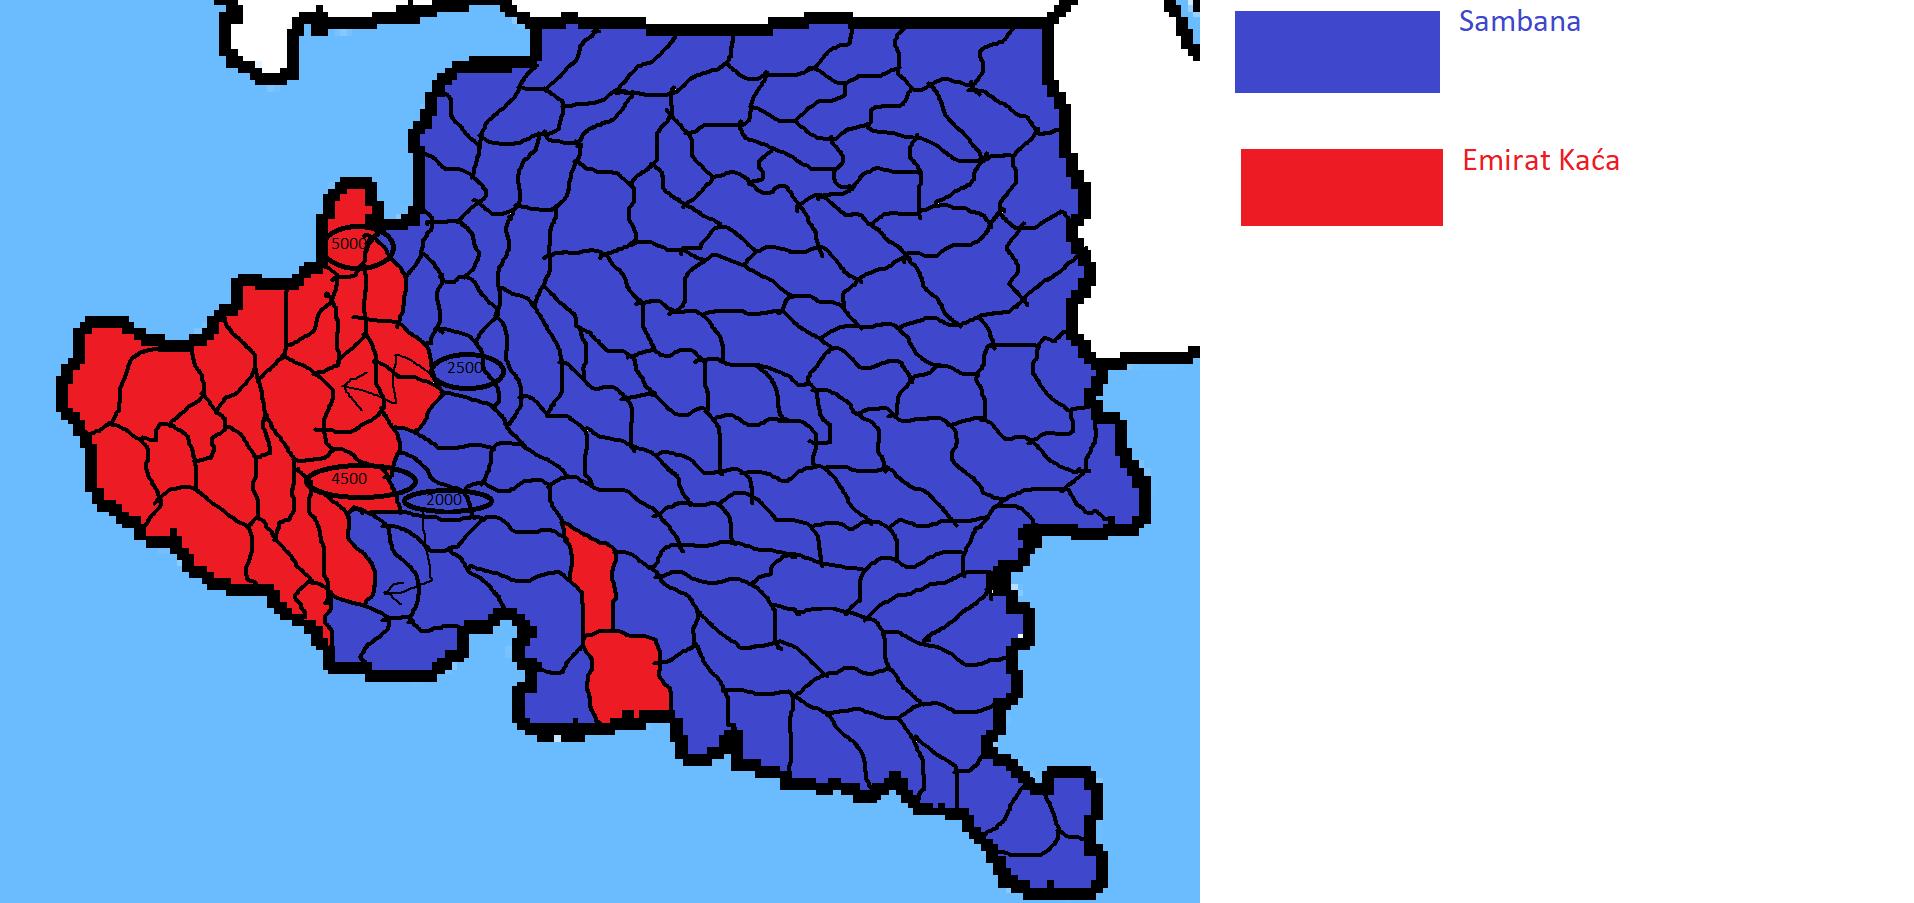 Mapa_podziau_politycznegoarmii_Sambana_3.png